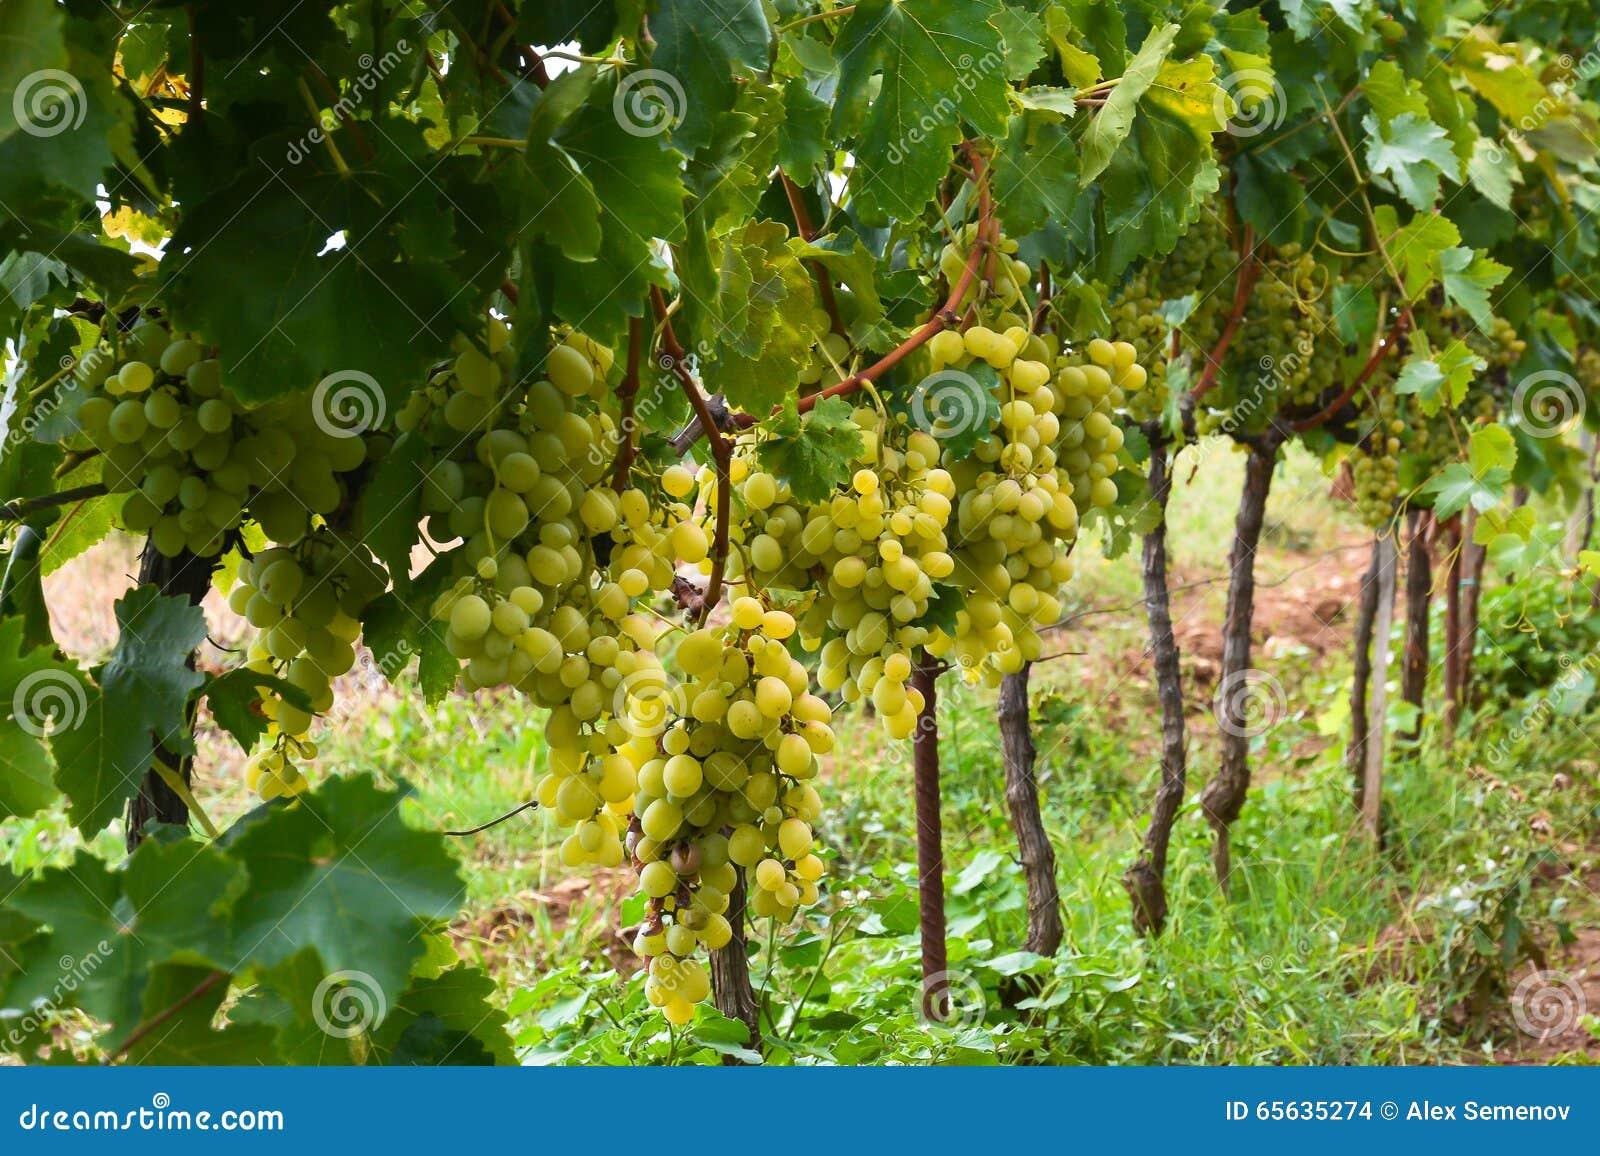 Grands groupes mûrs de raisins verts sur la vigne